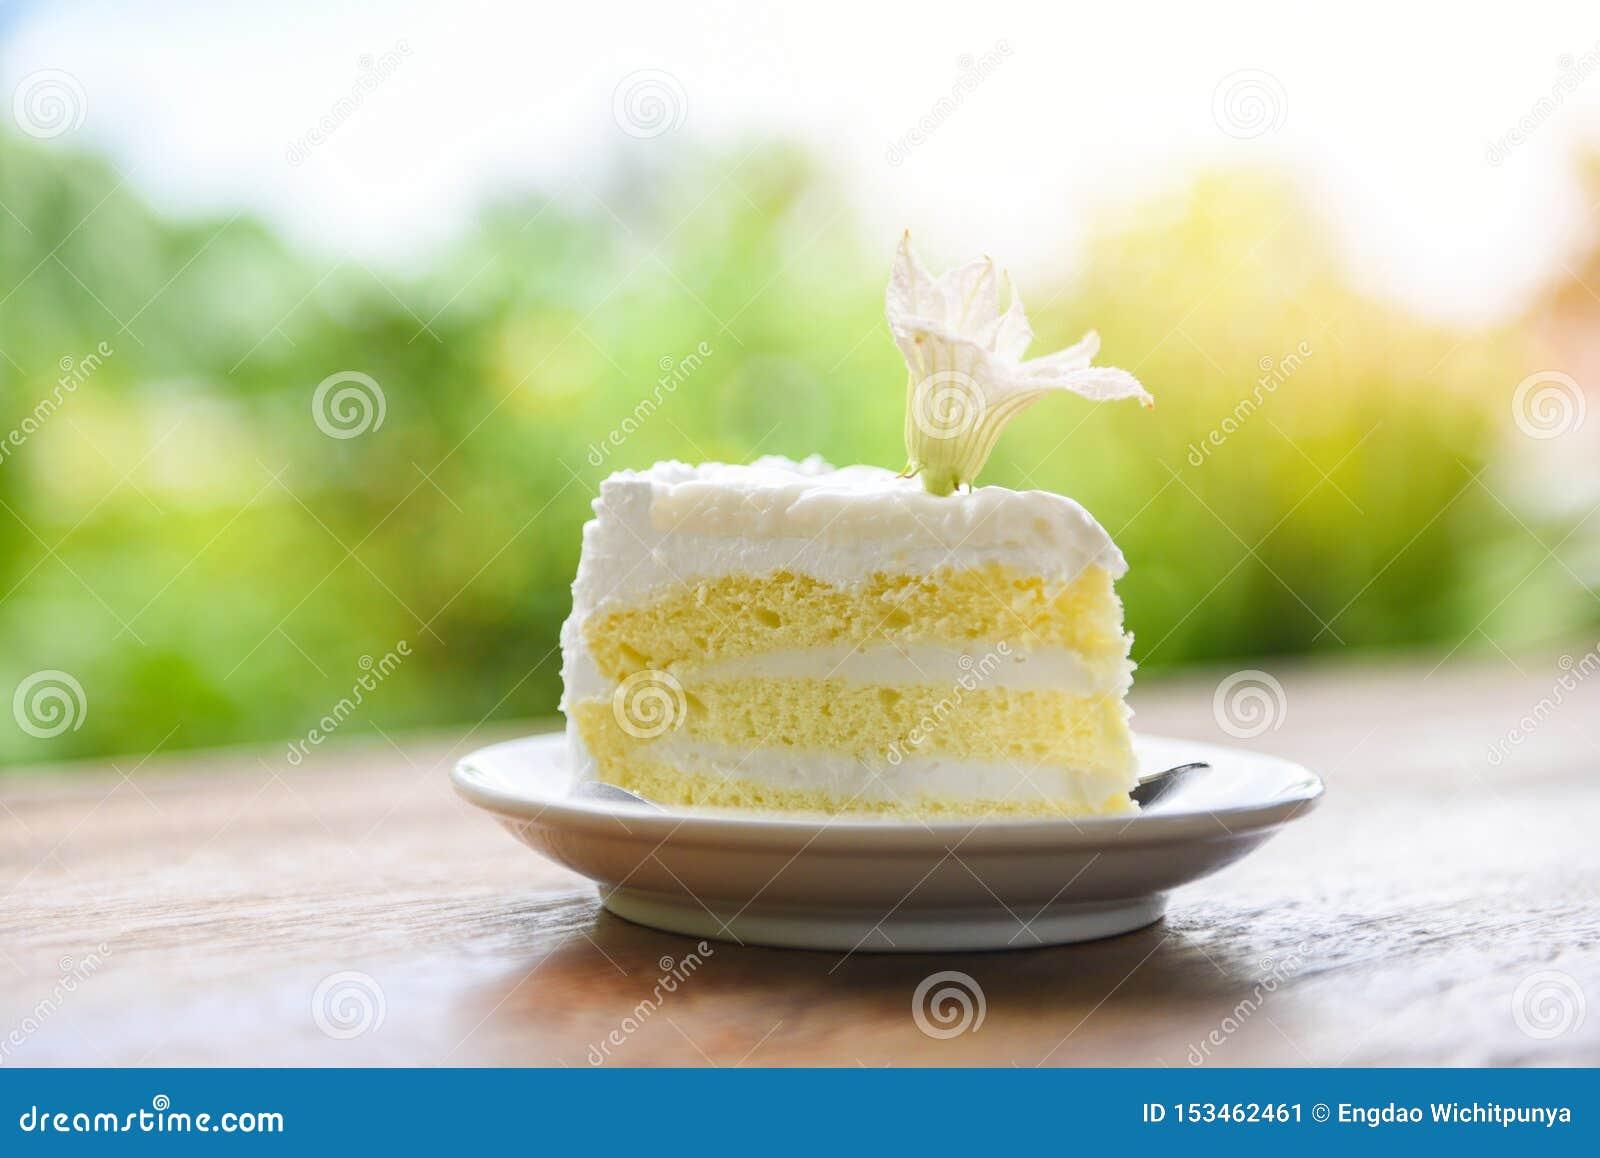 Tranche de gâteau sur le palte blanc avec la fleur sur le fond en bois de nature de table - gâteau de noix de coco délicieux